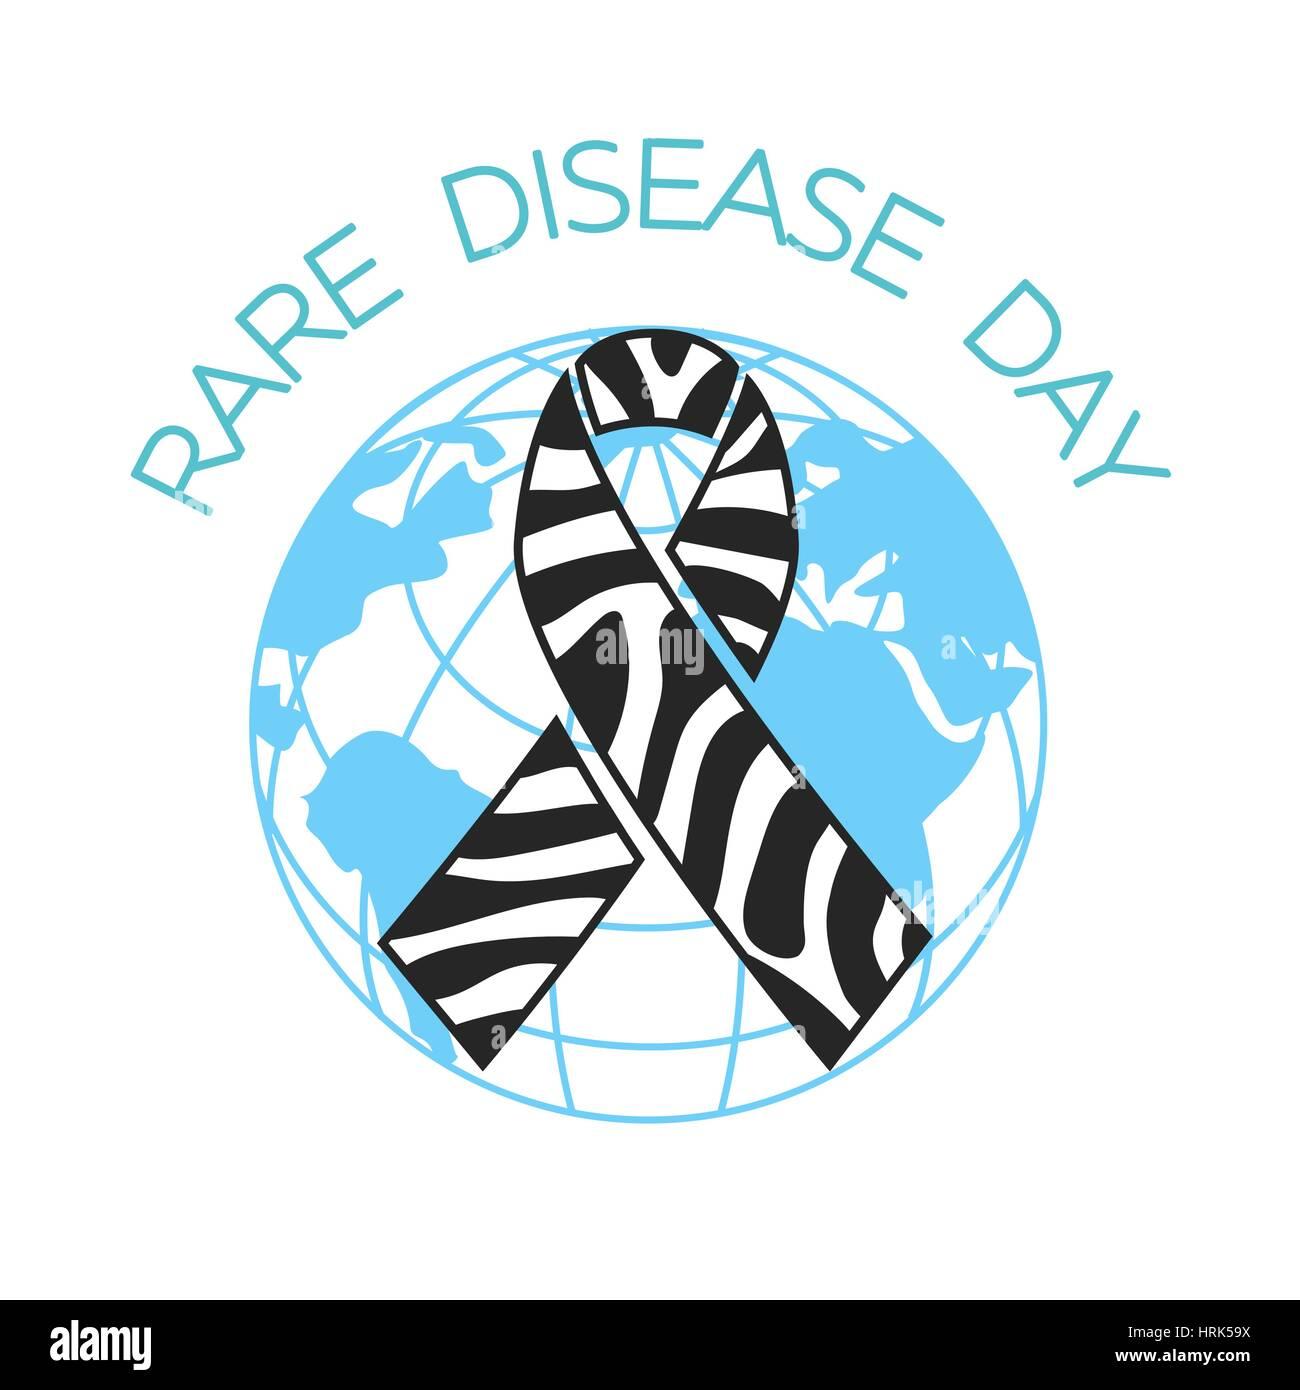 Zebra Print Ribbon Symbol Of Rare Disease Awareness Vector Stock